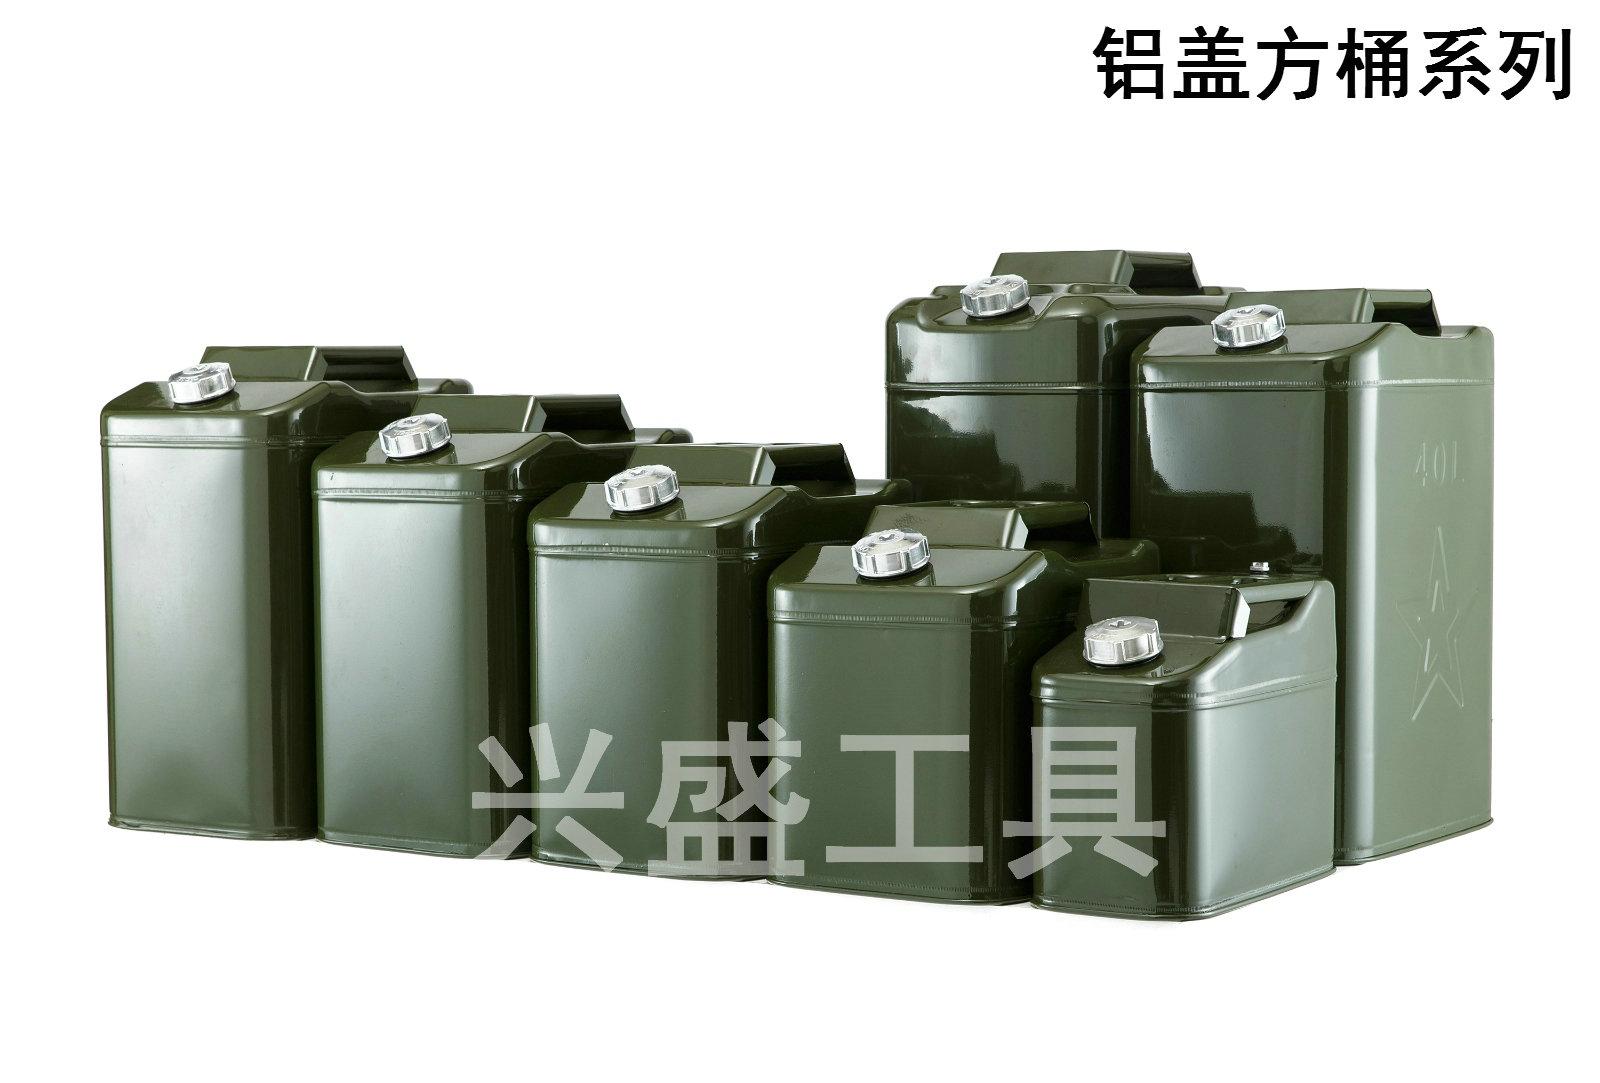 供应金属桶、30L方桶、汽油桶/柴油桶/日式油桶/金属桶/加厚型油箱 金属桶军用桶,储油桶,便携式油桶